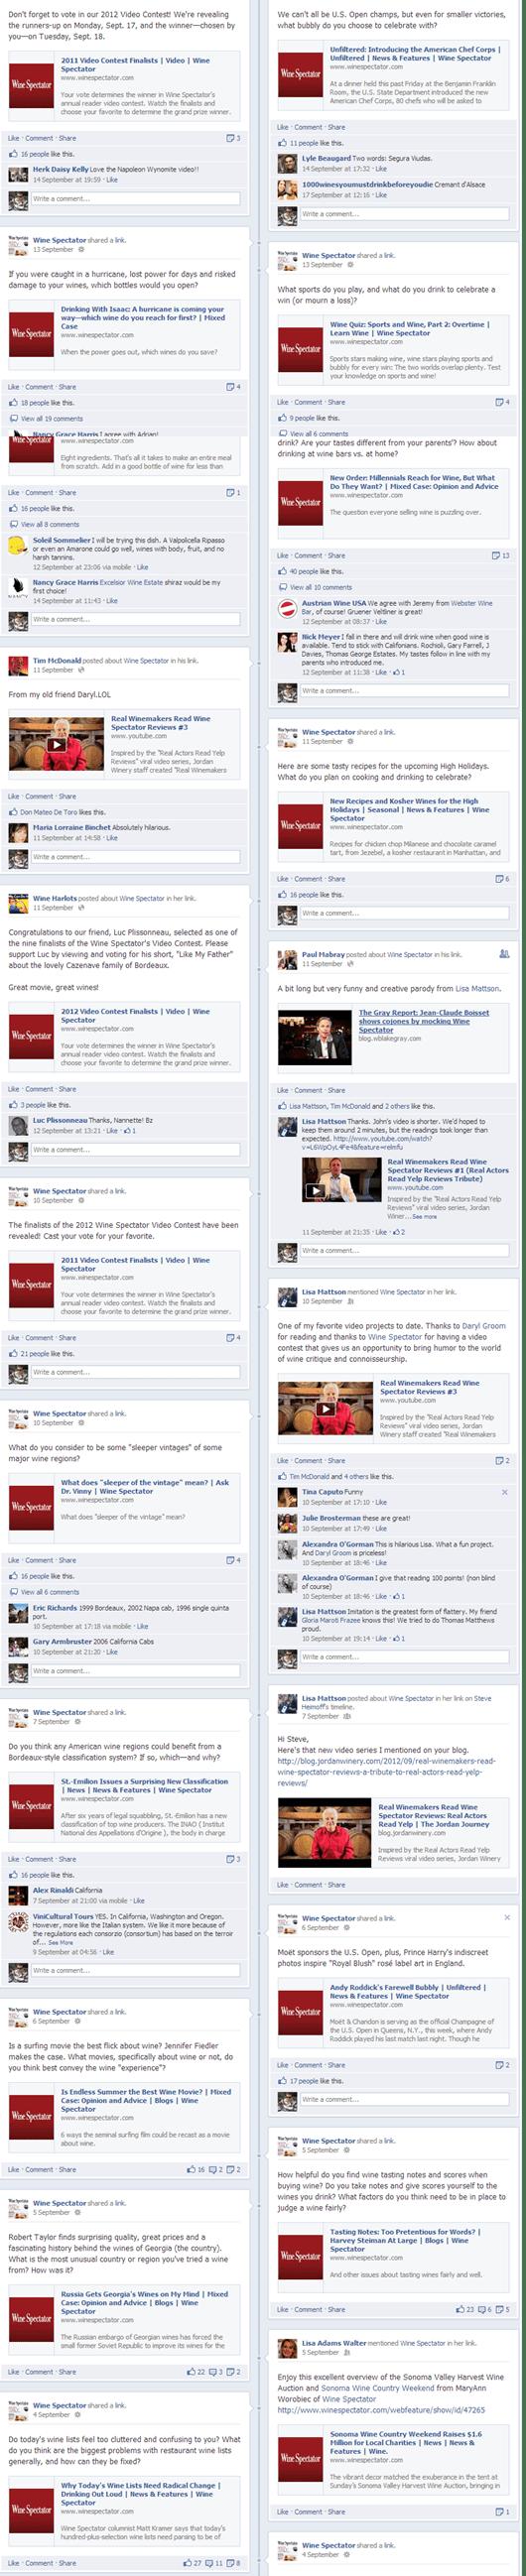 Wine-Spectator-Facebook-Social-Media-Posts